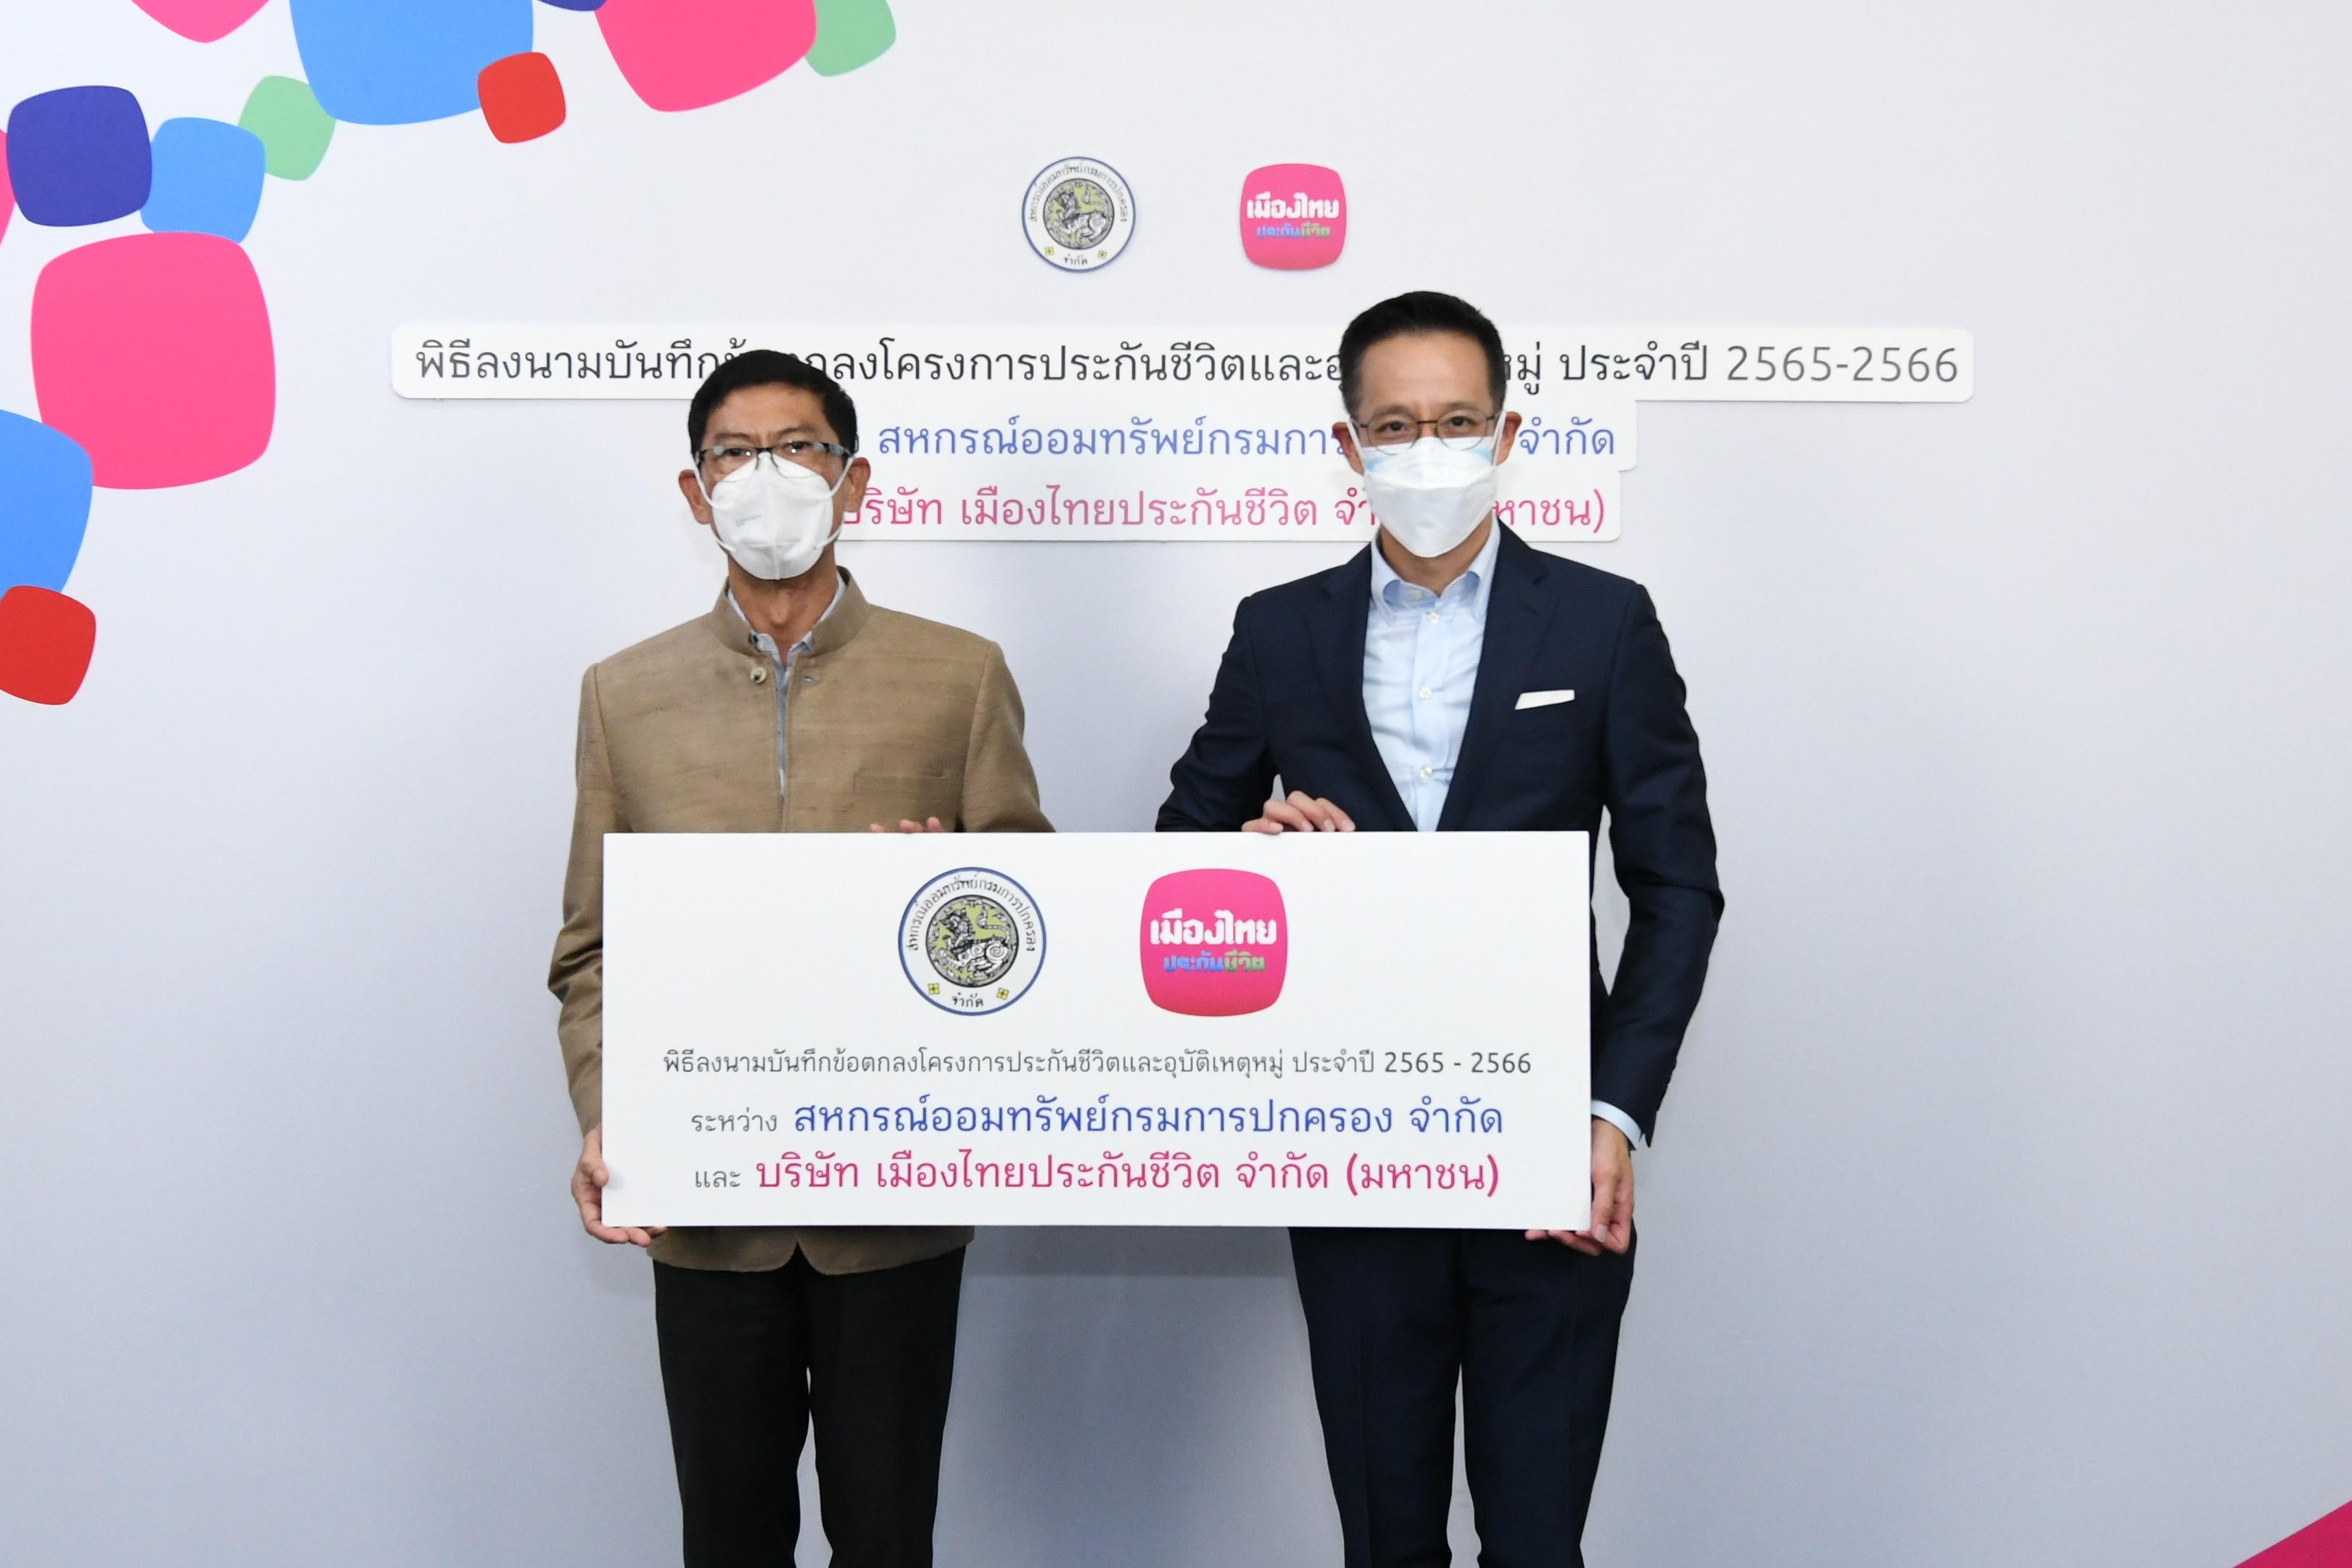 เมืองไทยประกันชีวิต ลงนามบันทึกข้อตกลงโครงการประกันชีวิตและอุบัติเหตุหมู่ แก่ สหกรณ์ออมทรัพย์กรมการปกครอง จำกัด